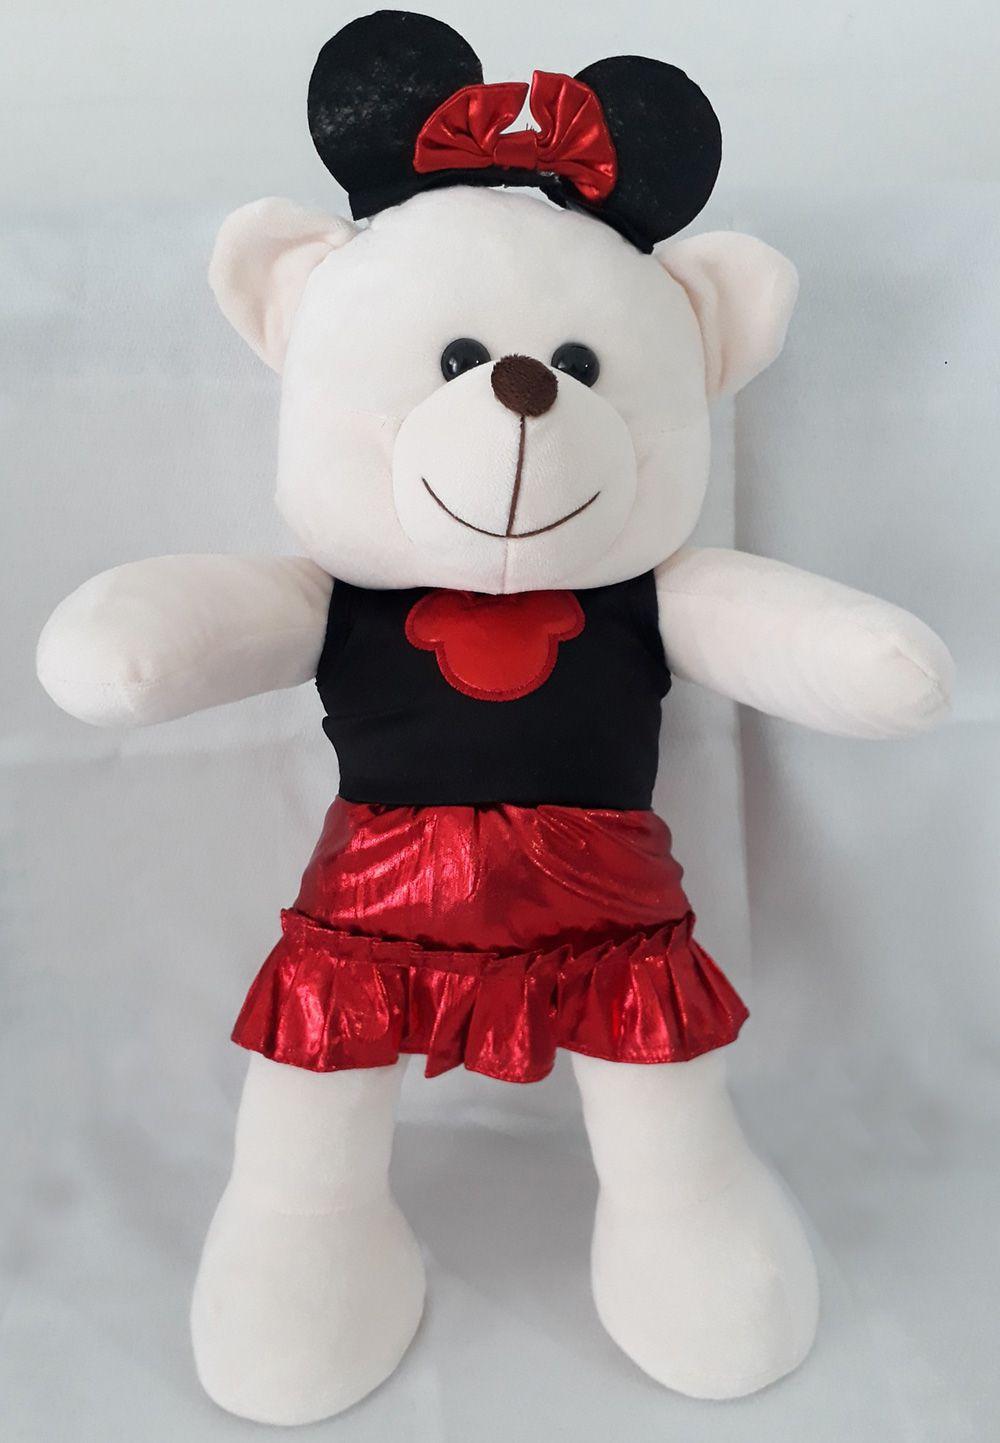 Amiga Ursa de Pelúcia Minnie Marcela 45cm Ursinho Ursinha Urso Meigo Boneca Inseparável Com Vestidinho Vermelho e Preto + Lacinho! Crie seu Amigo !